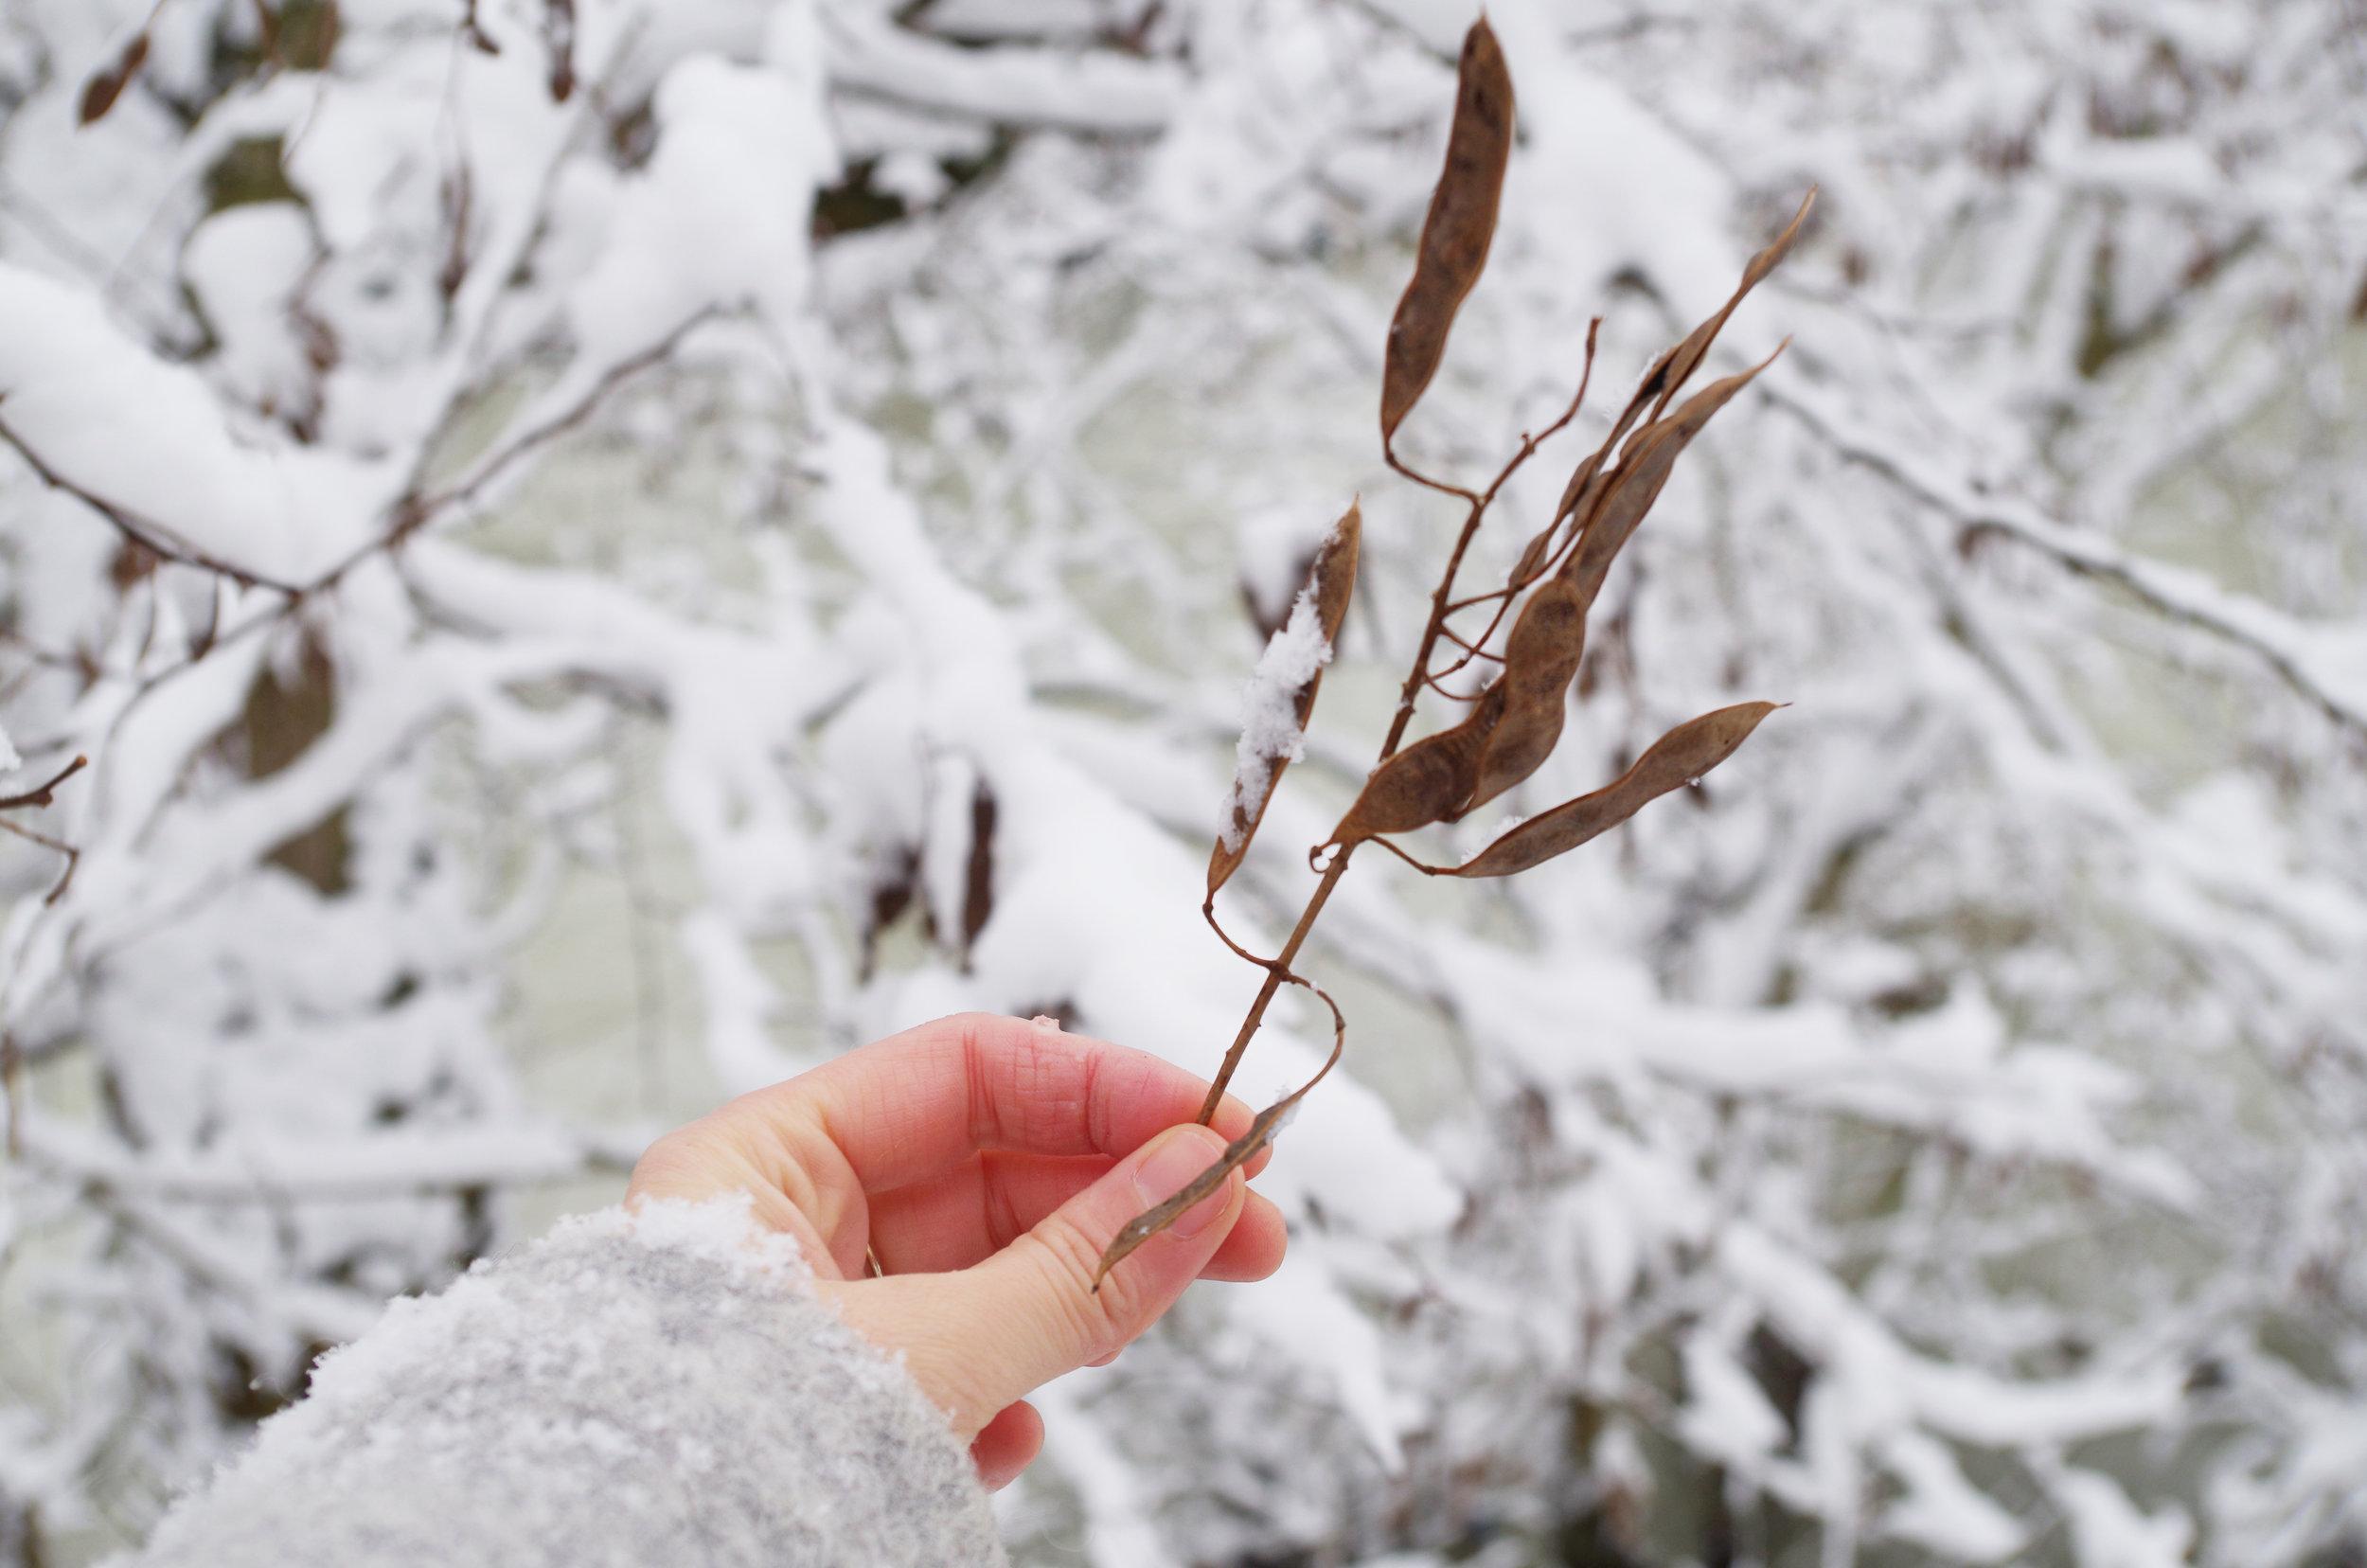 winterwonderland_janinabourosu24.jpg